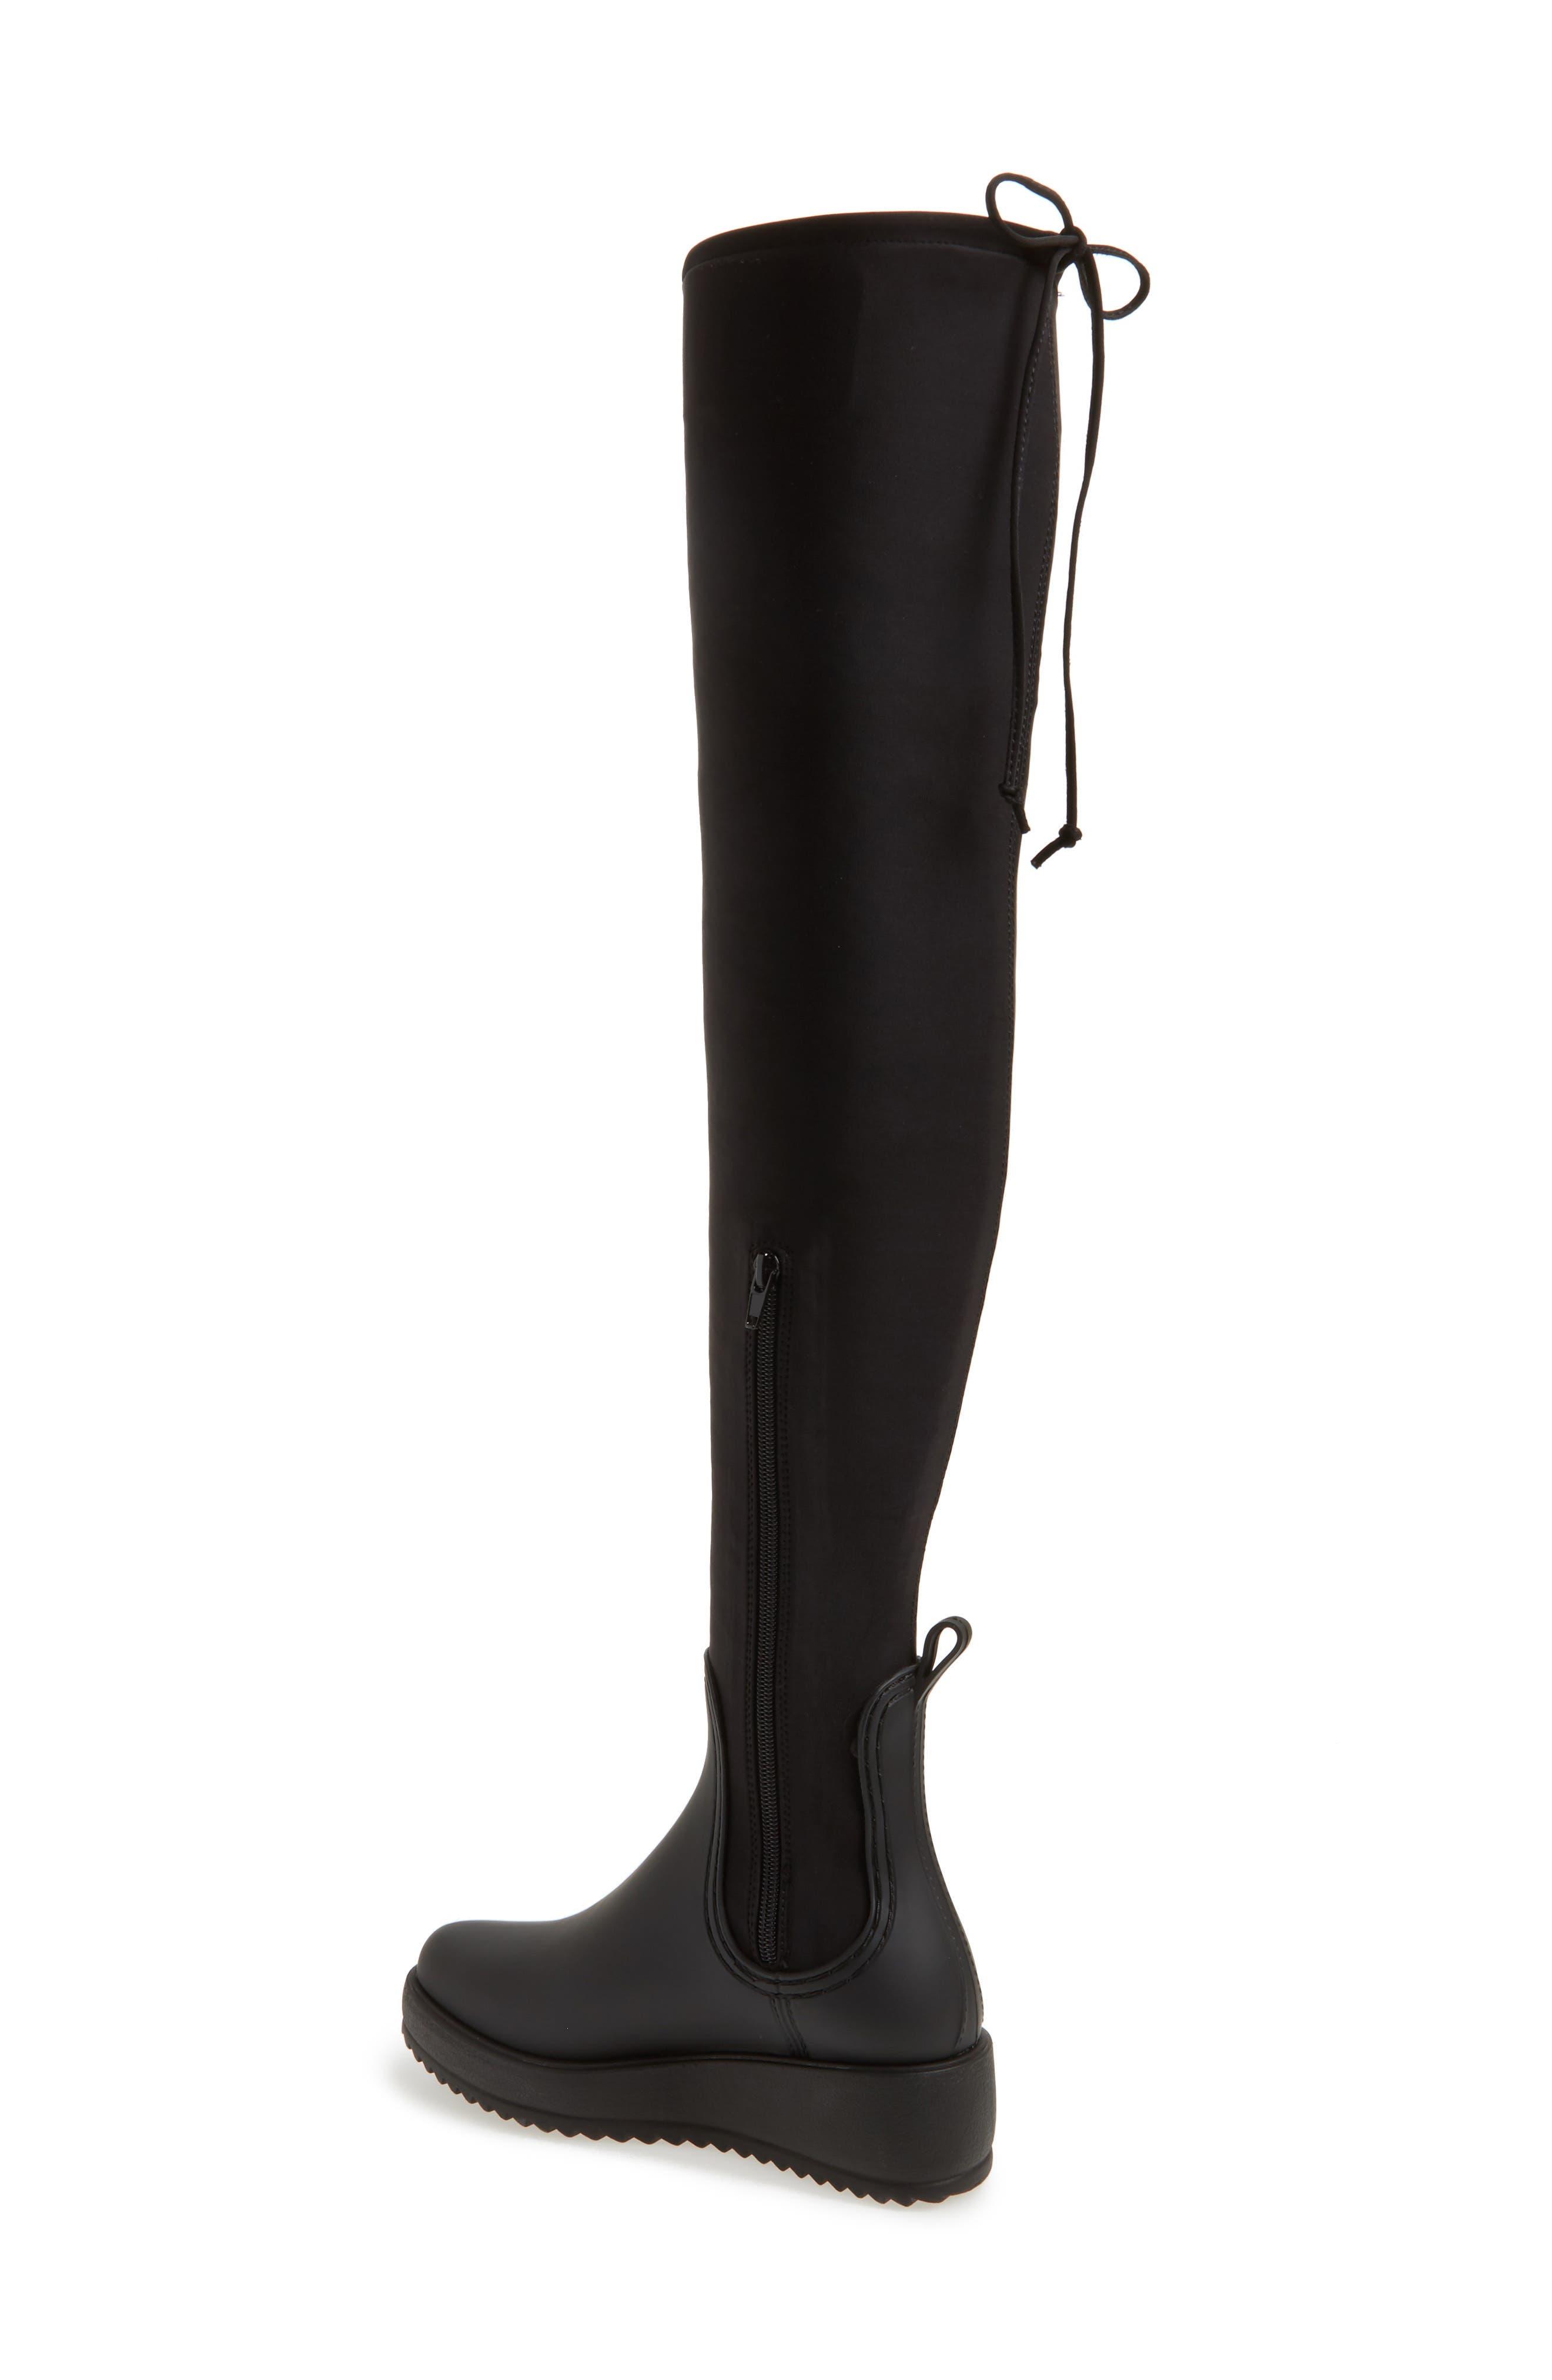 Monsoon Over the Knee Platform Rain Boot,                             Alternate thumbnail 2, color,                             Black Black Neoprene